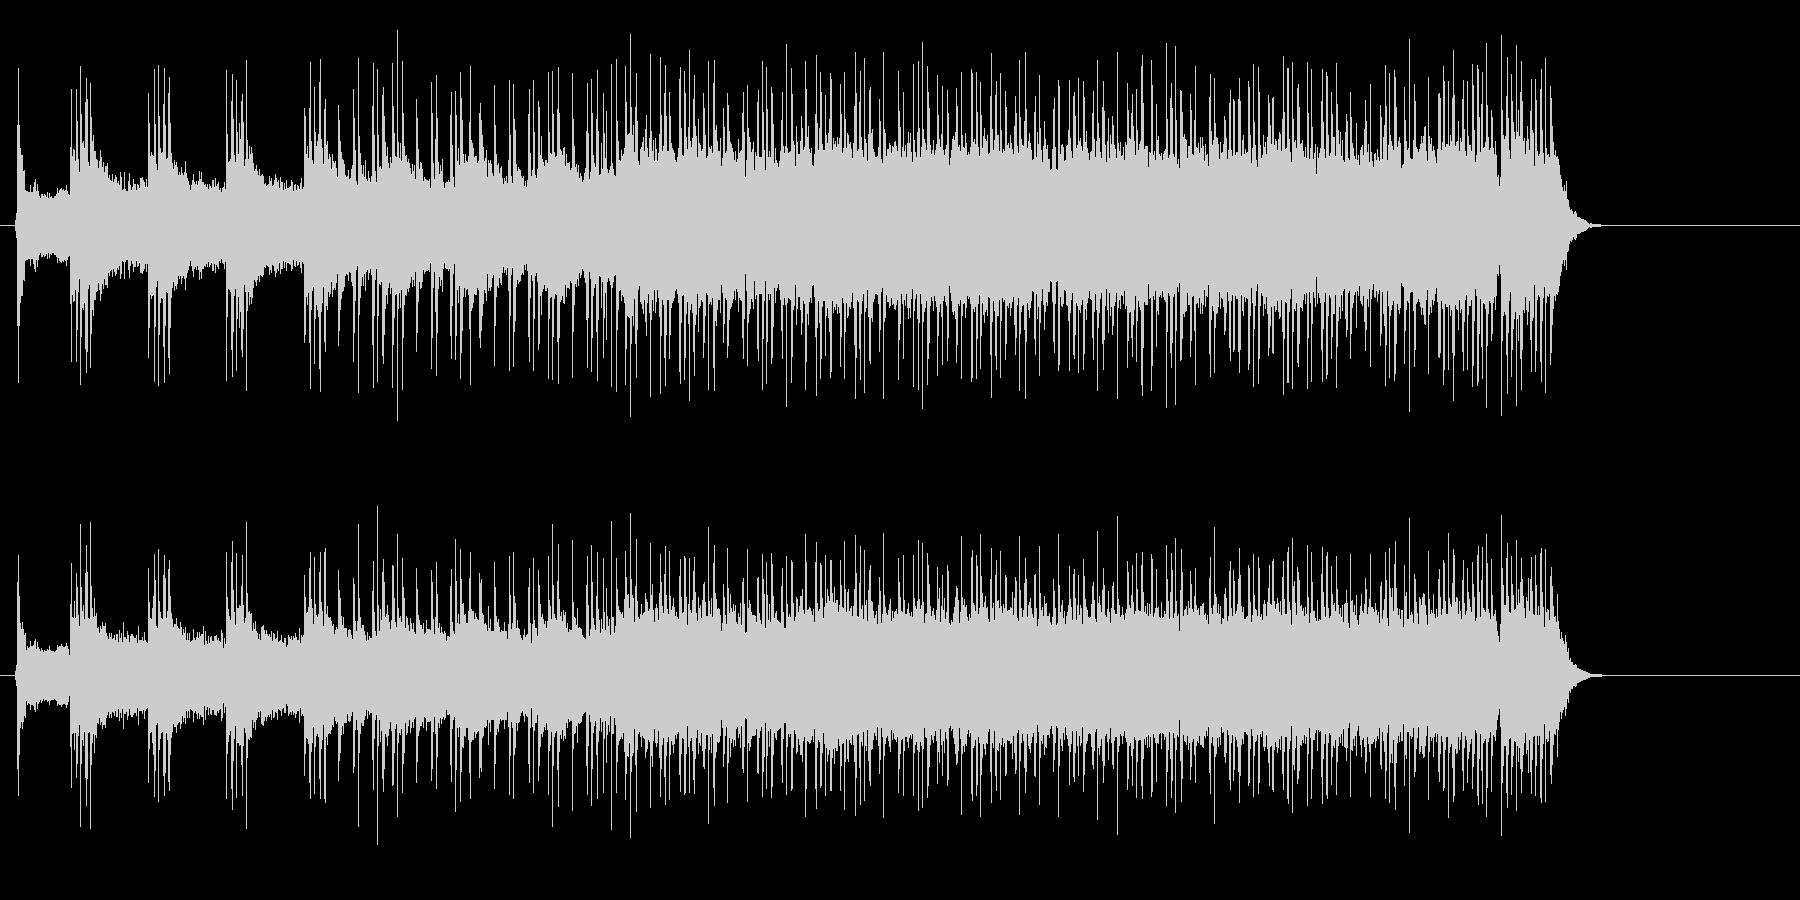 エキサイティングなスポーティロックの未再生の波形